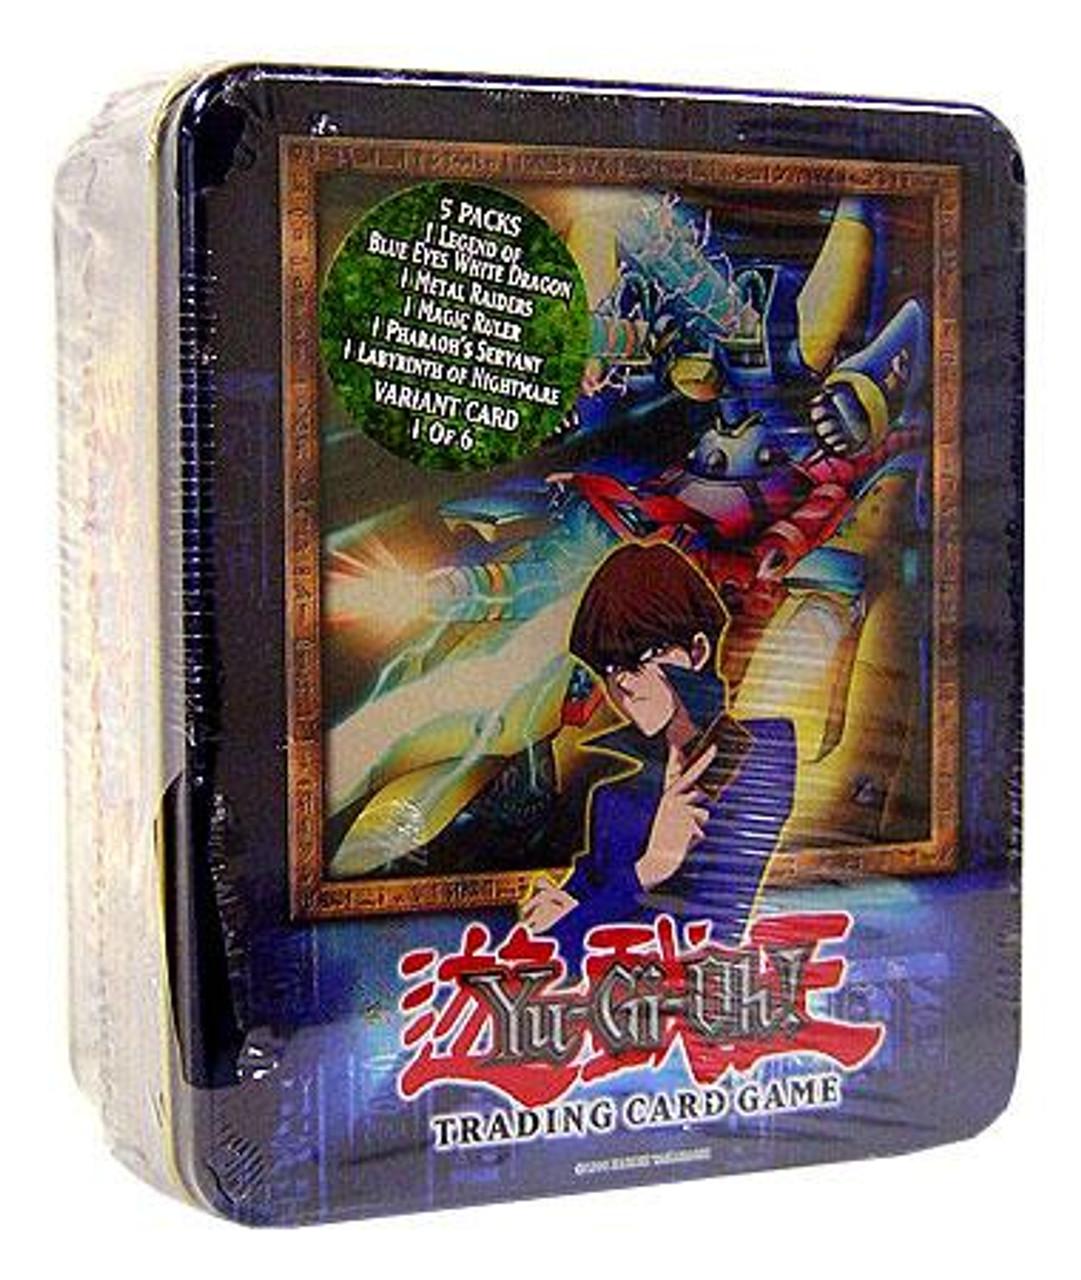 YuGiOh 2003 Collector Tin XYZ Dragon Cannon Collector Tin [Sealed]